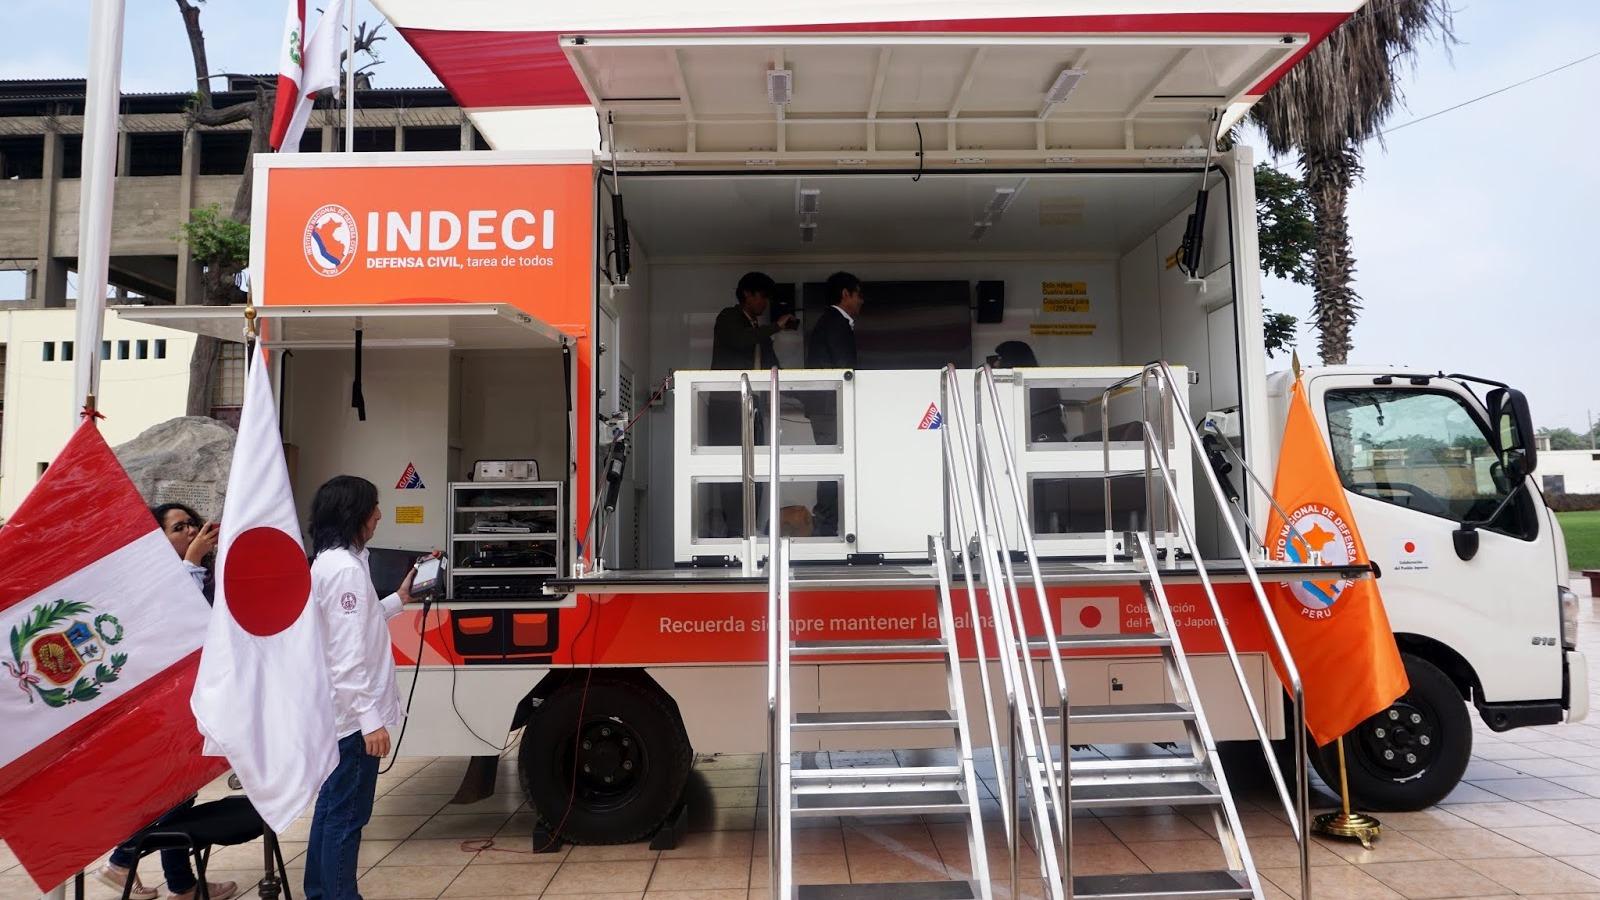 El Instituto Nacional de Defensa Civil (Indeci) entregó un simulador de sismos a la Universidad Nacional de Ingeniería (UNI).